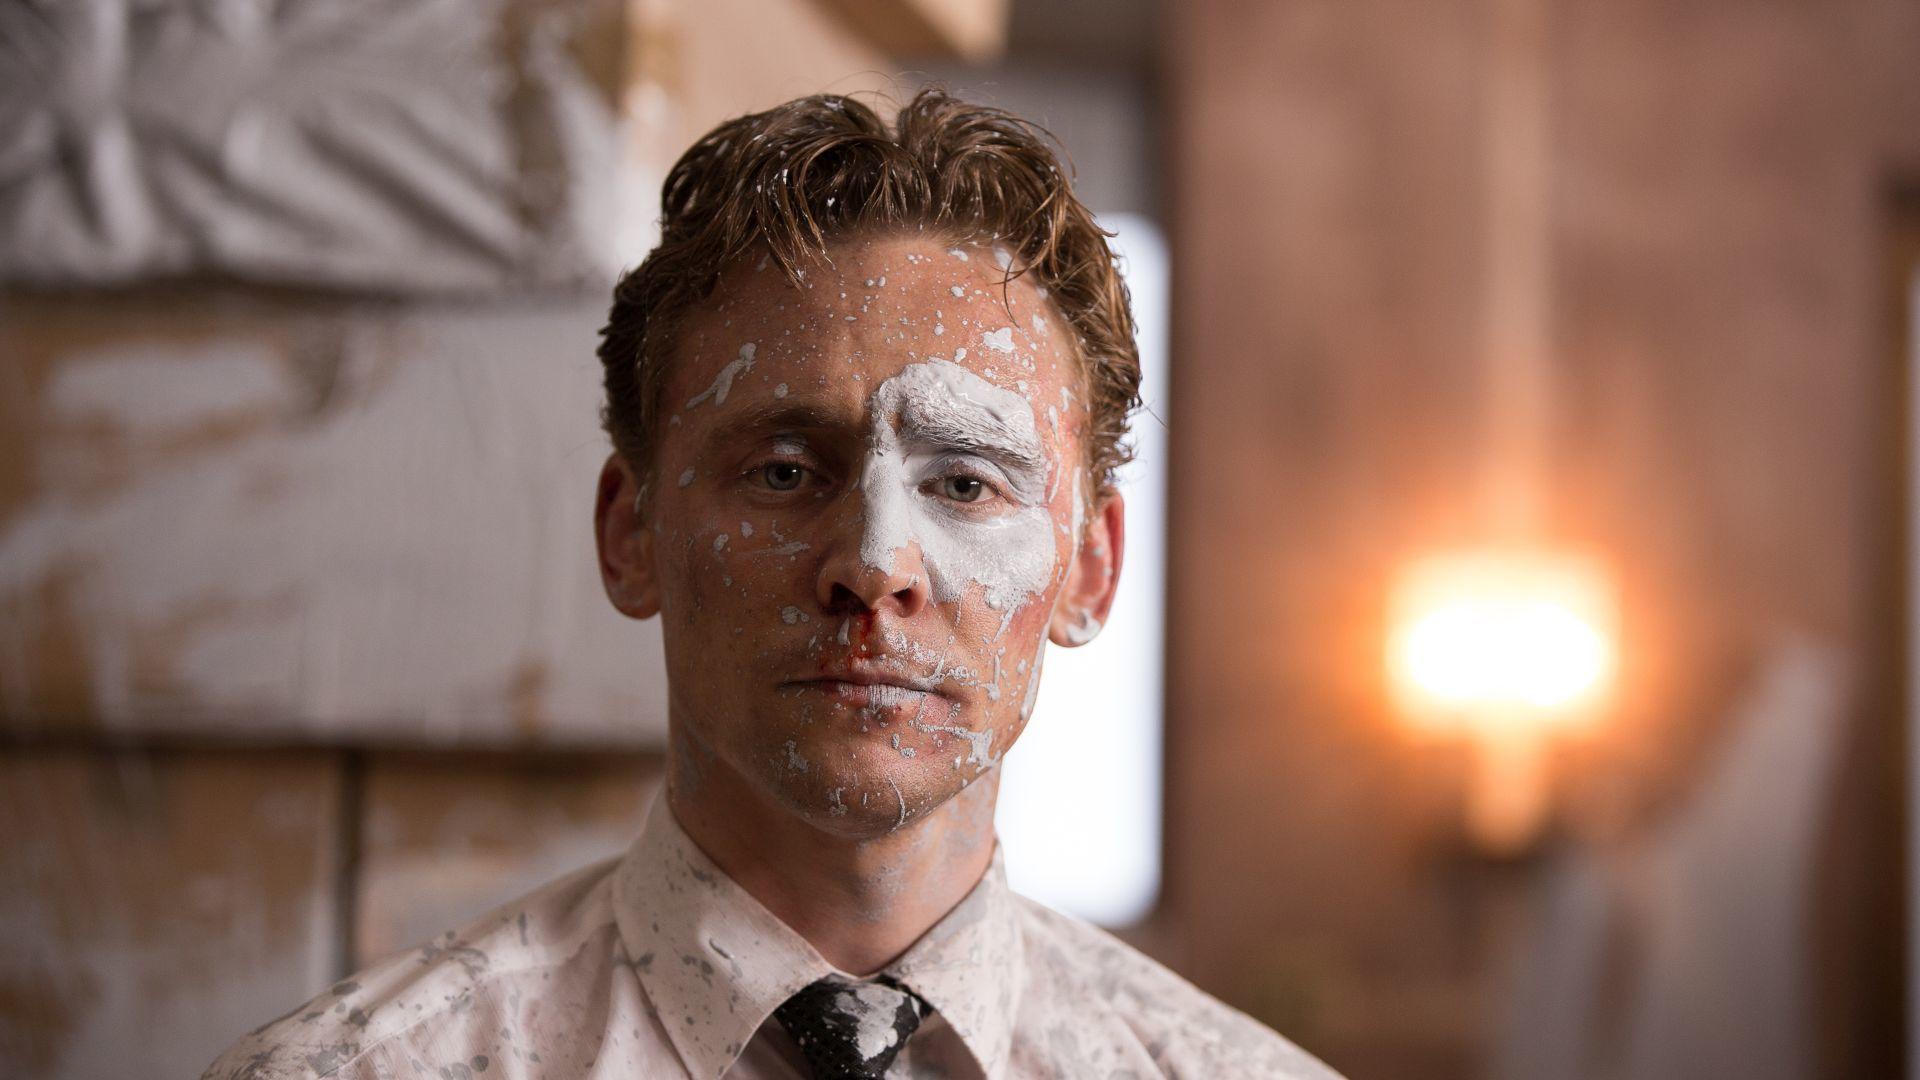 トム・ヒドルストン © RPC HIGH-RISE LIMITED / THE BRITISH FILM INSTITUTE / CHANNEL FOUR TELEVISION CORPORATION 2015